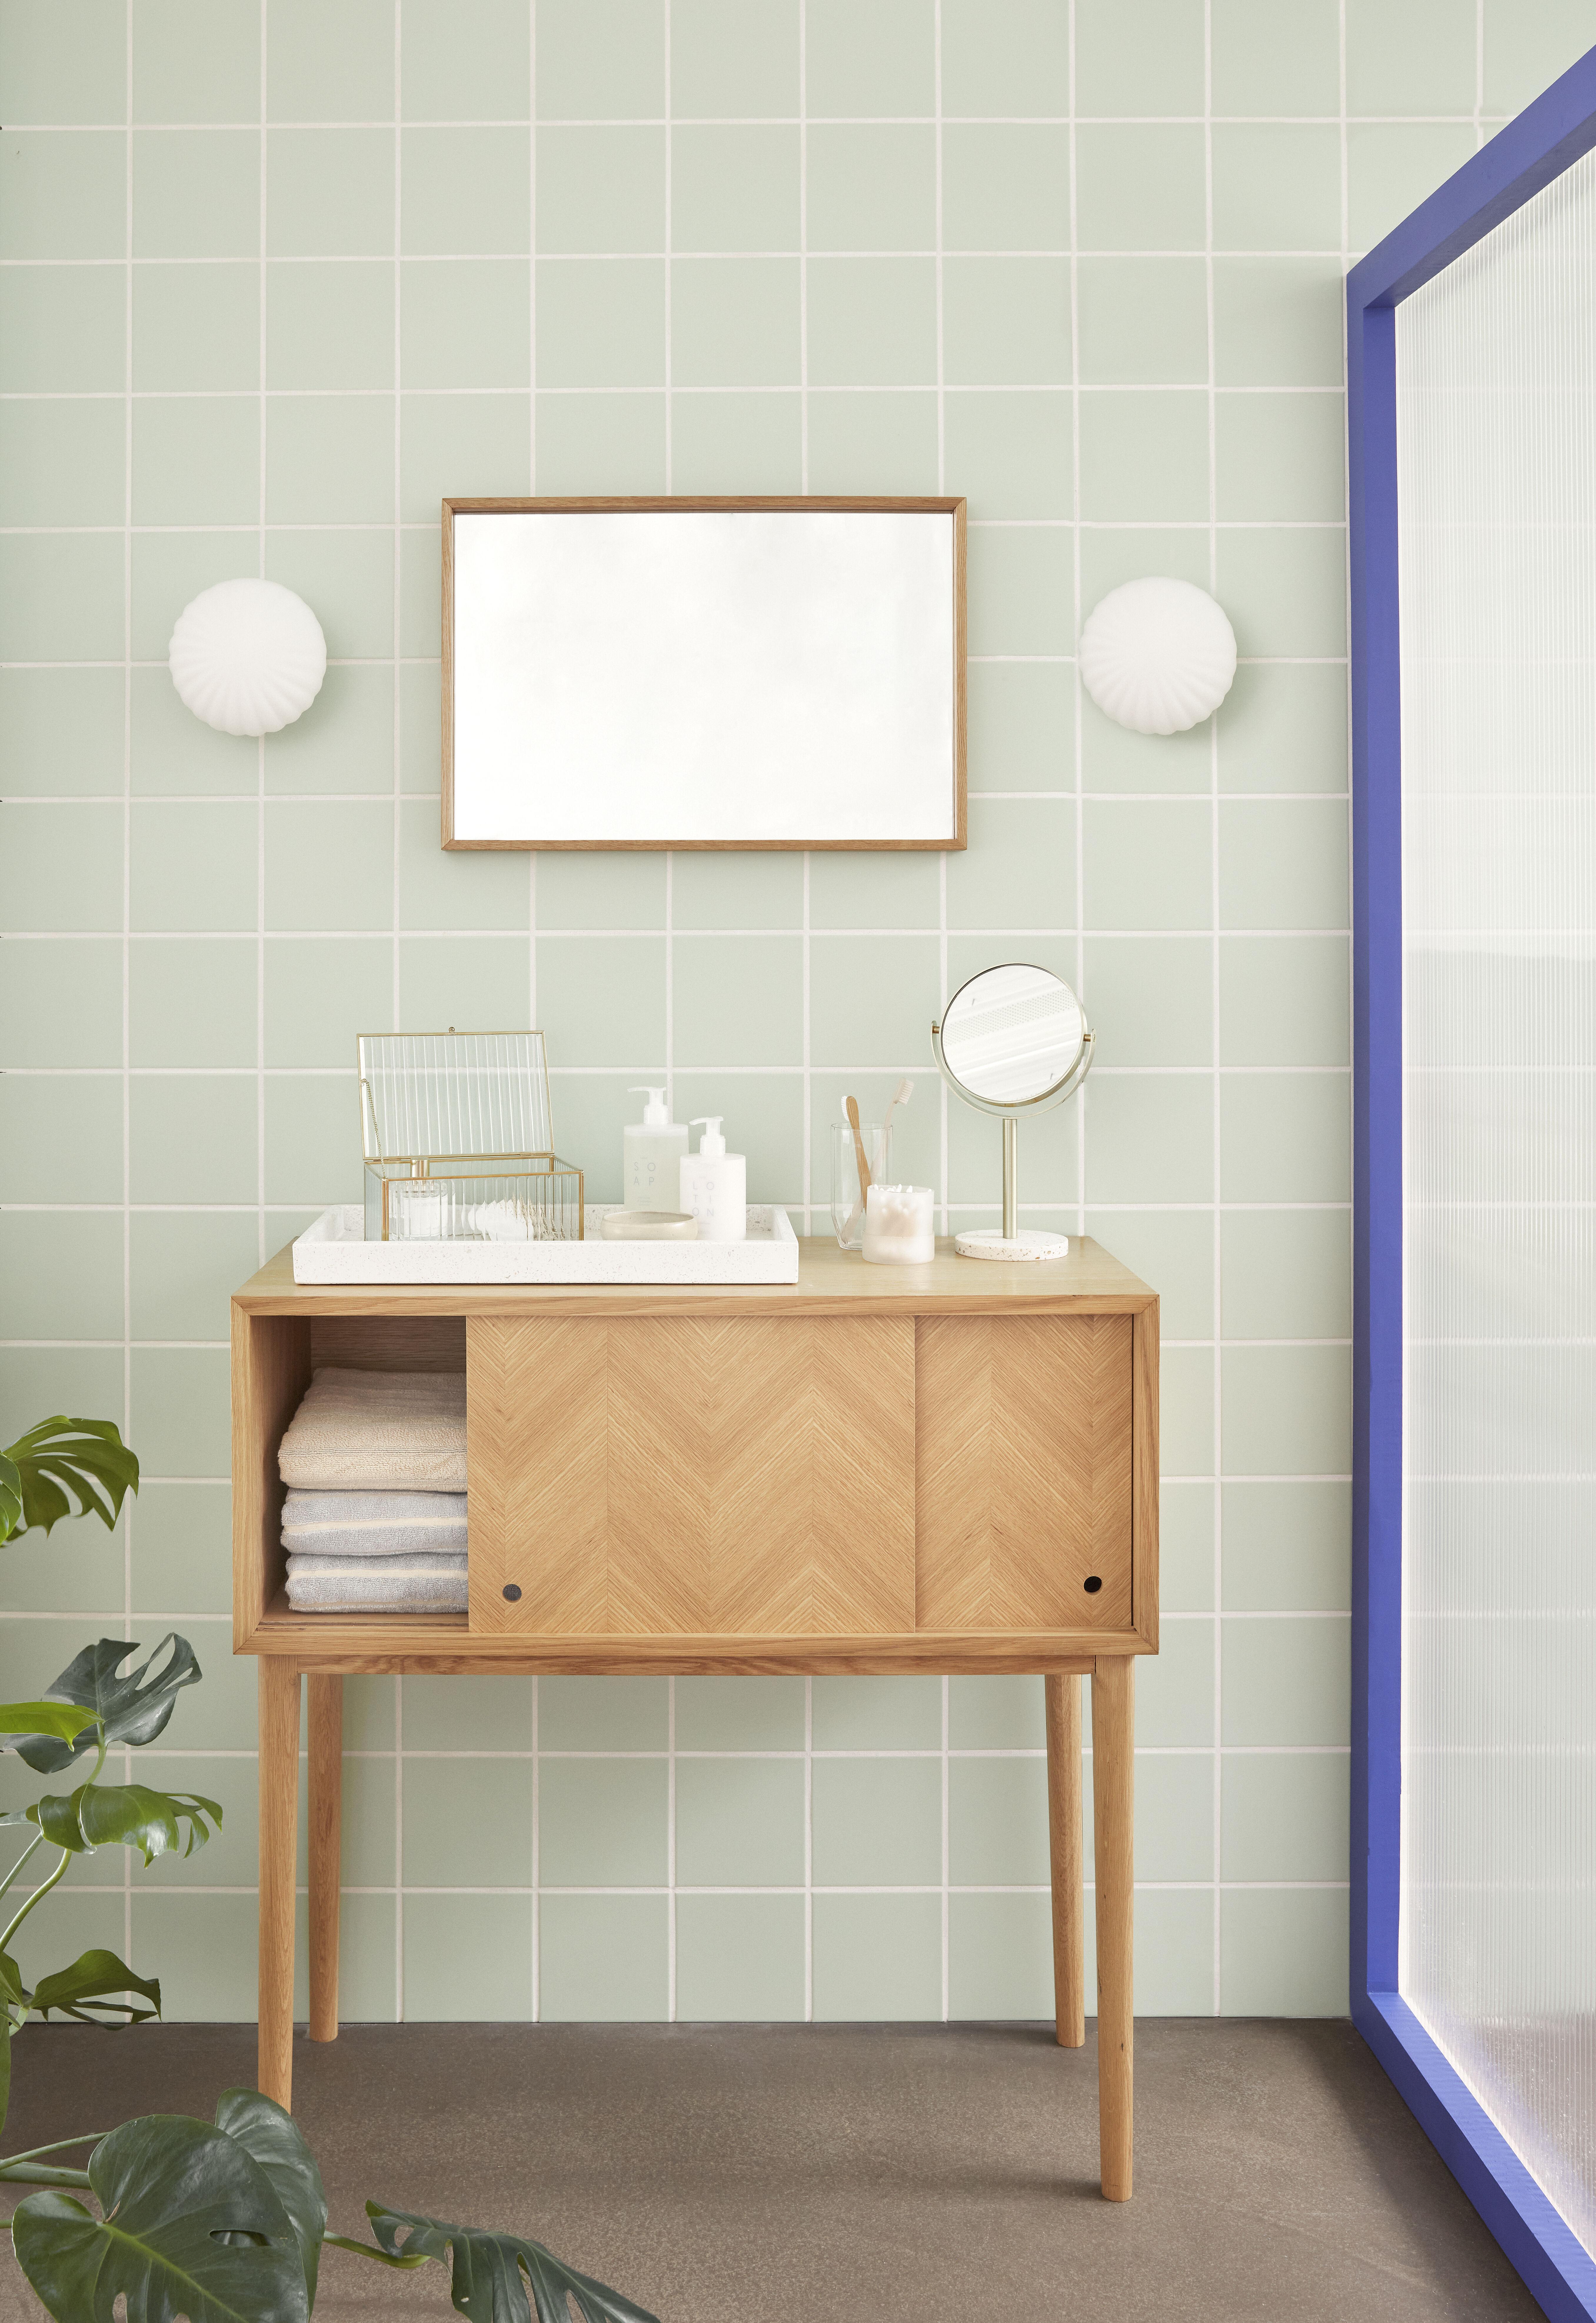 fürdőszoba stílusosan